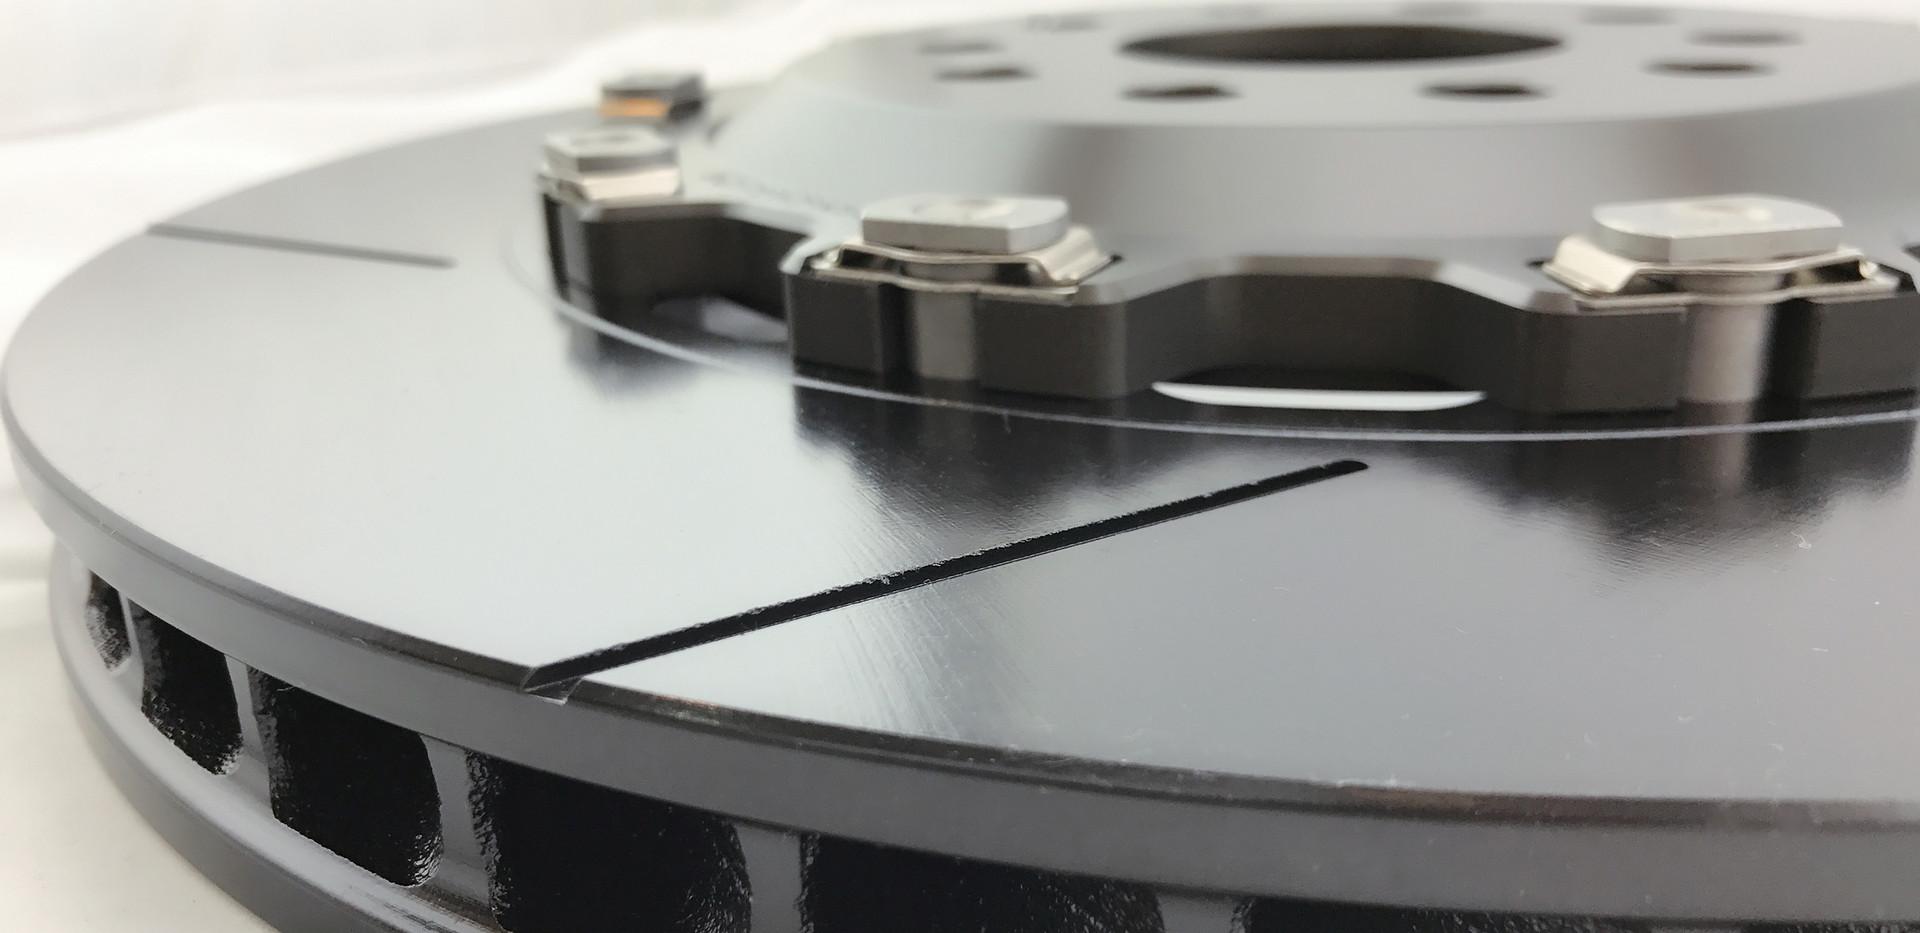 Disc HD.JPG